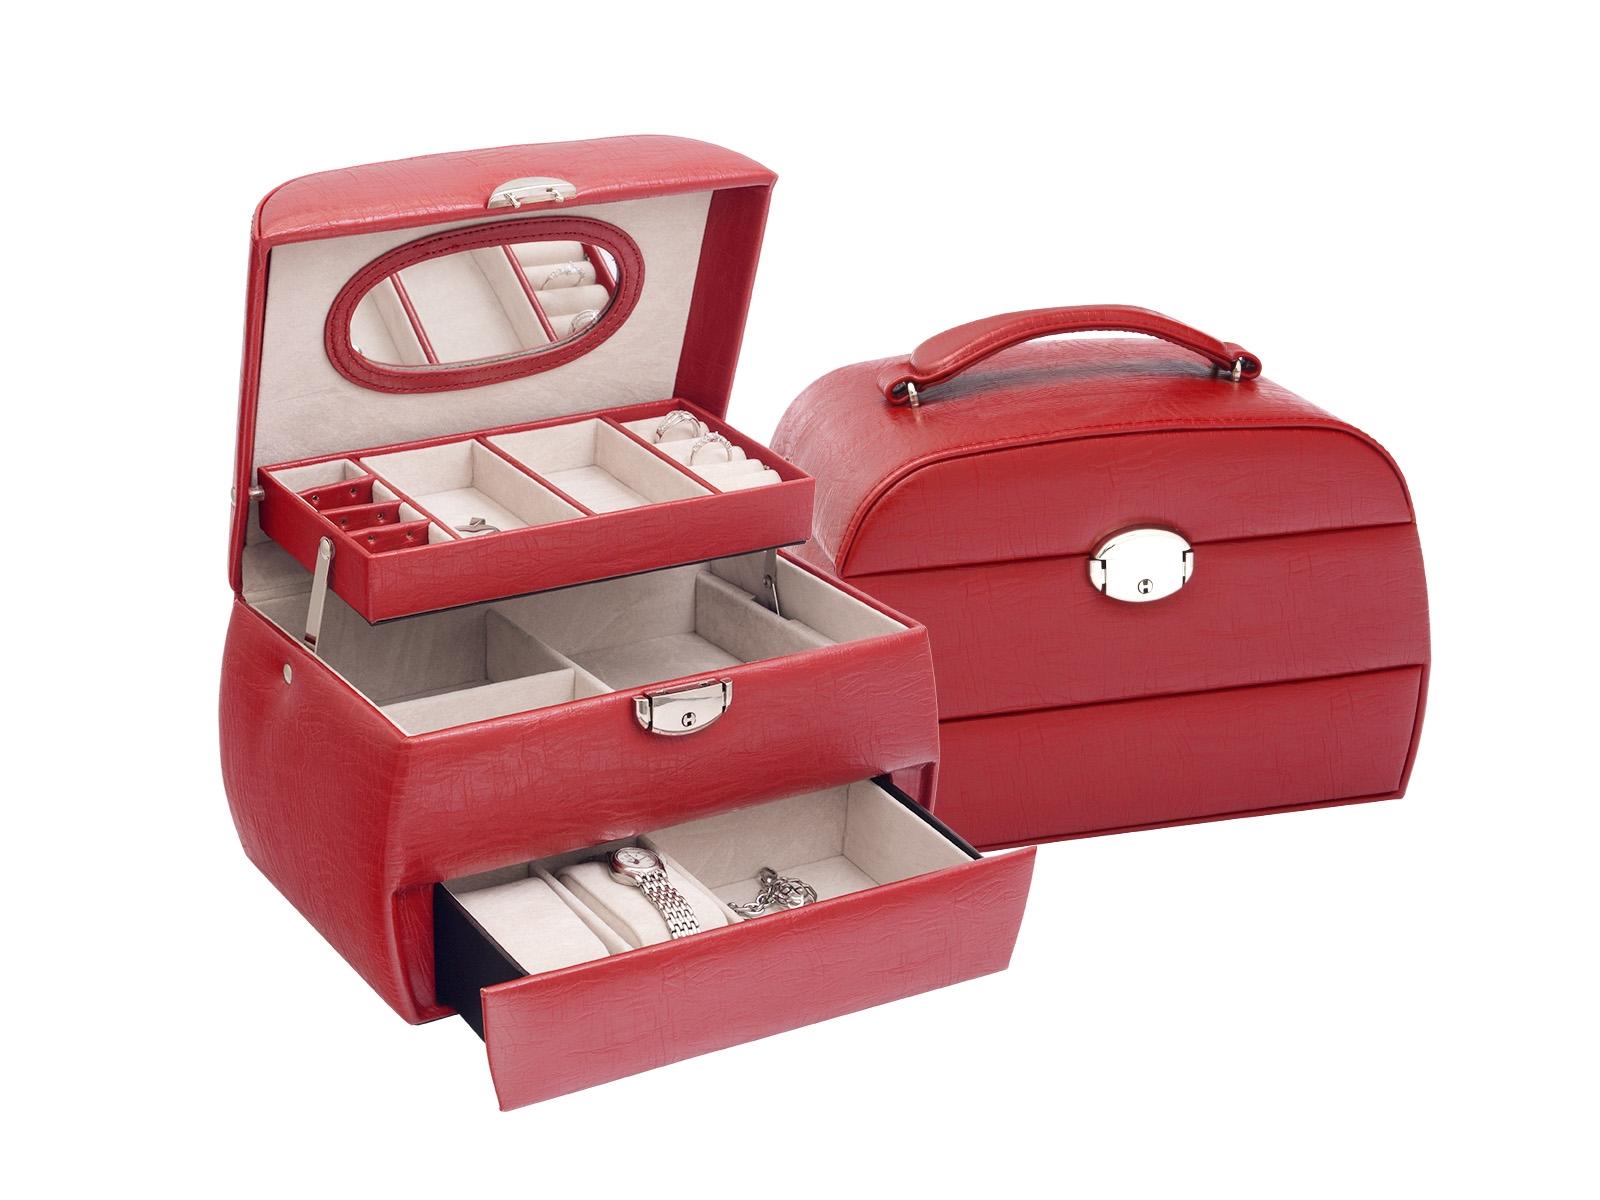 Šperkovnice - červená koženka SVK1107-R